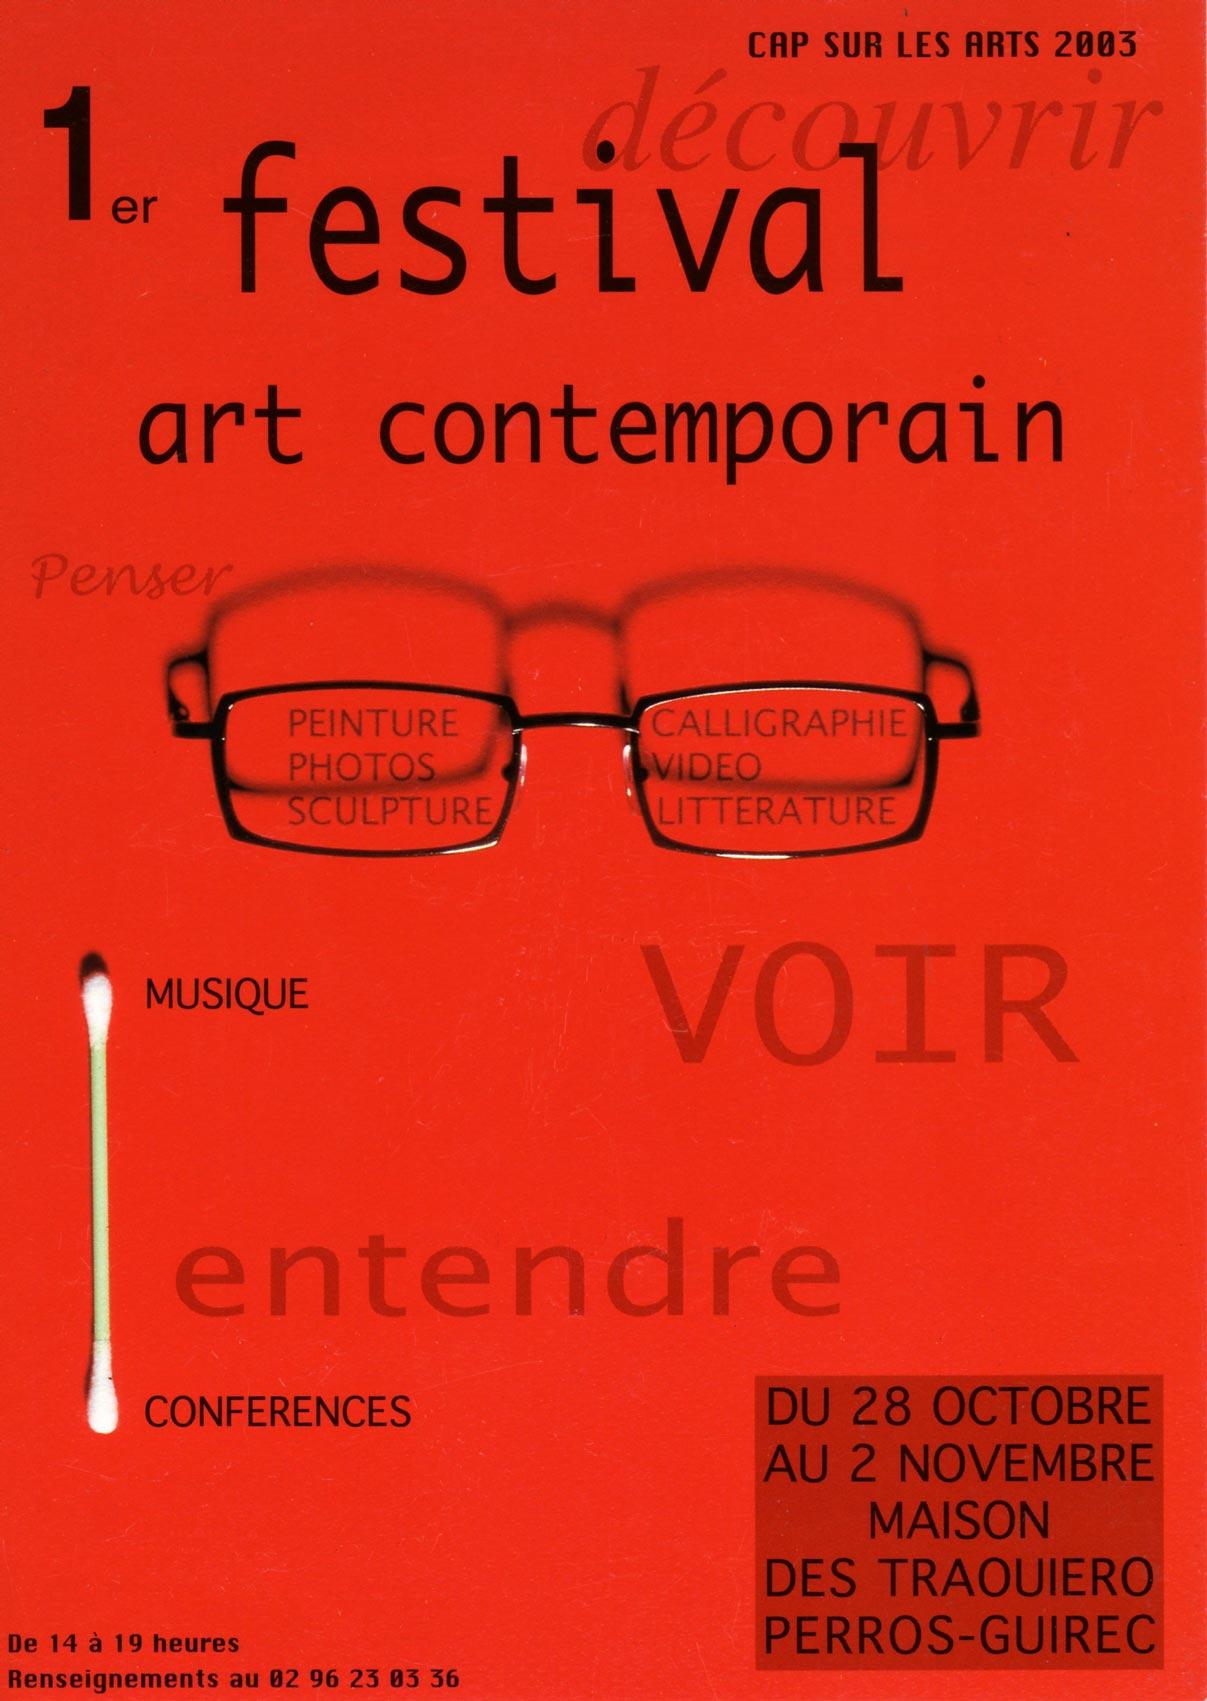 1er festival d'art contemporain, Perros-Guirec, Exposition autour du livre VENISE, 2003